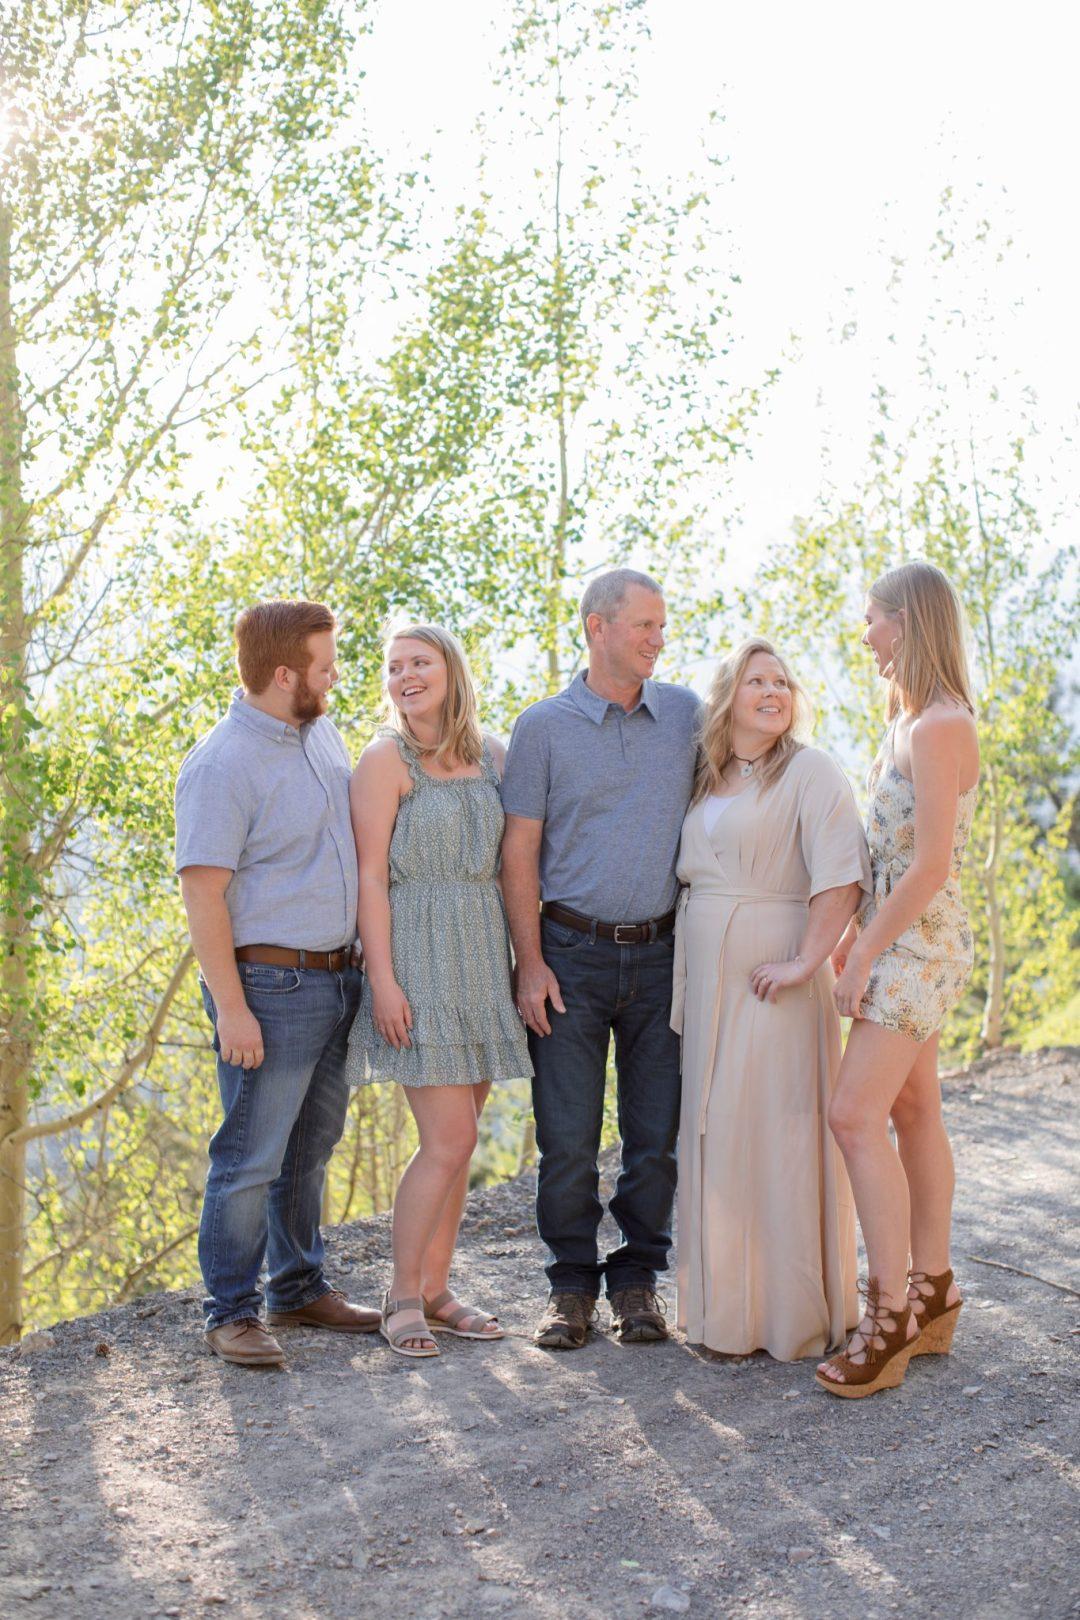 Summer family portrait session in Breckenridge